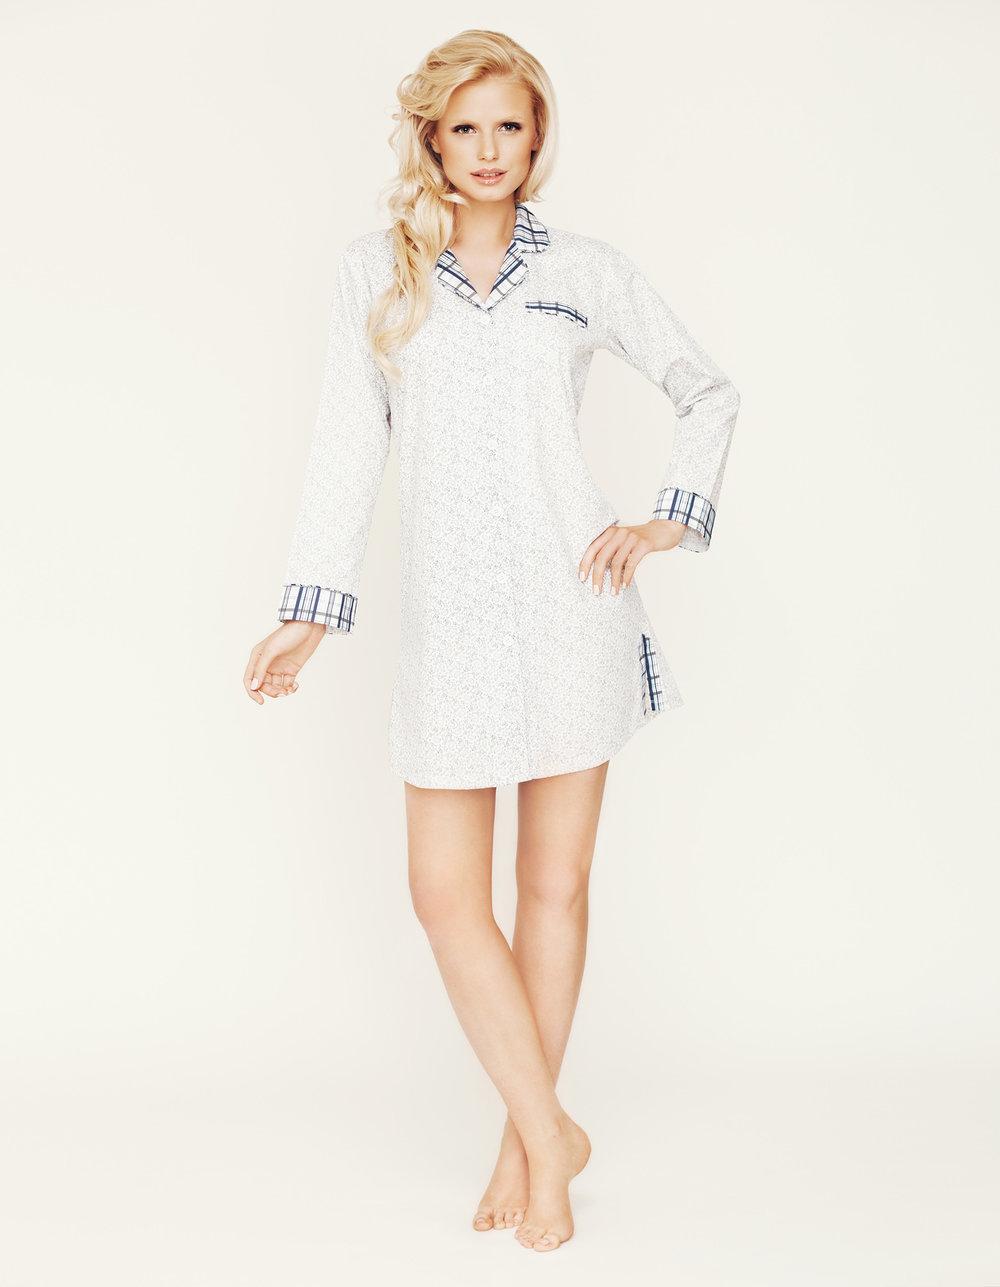 pijamas__MG_8050.jpg